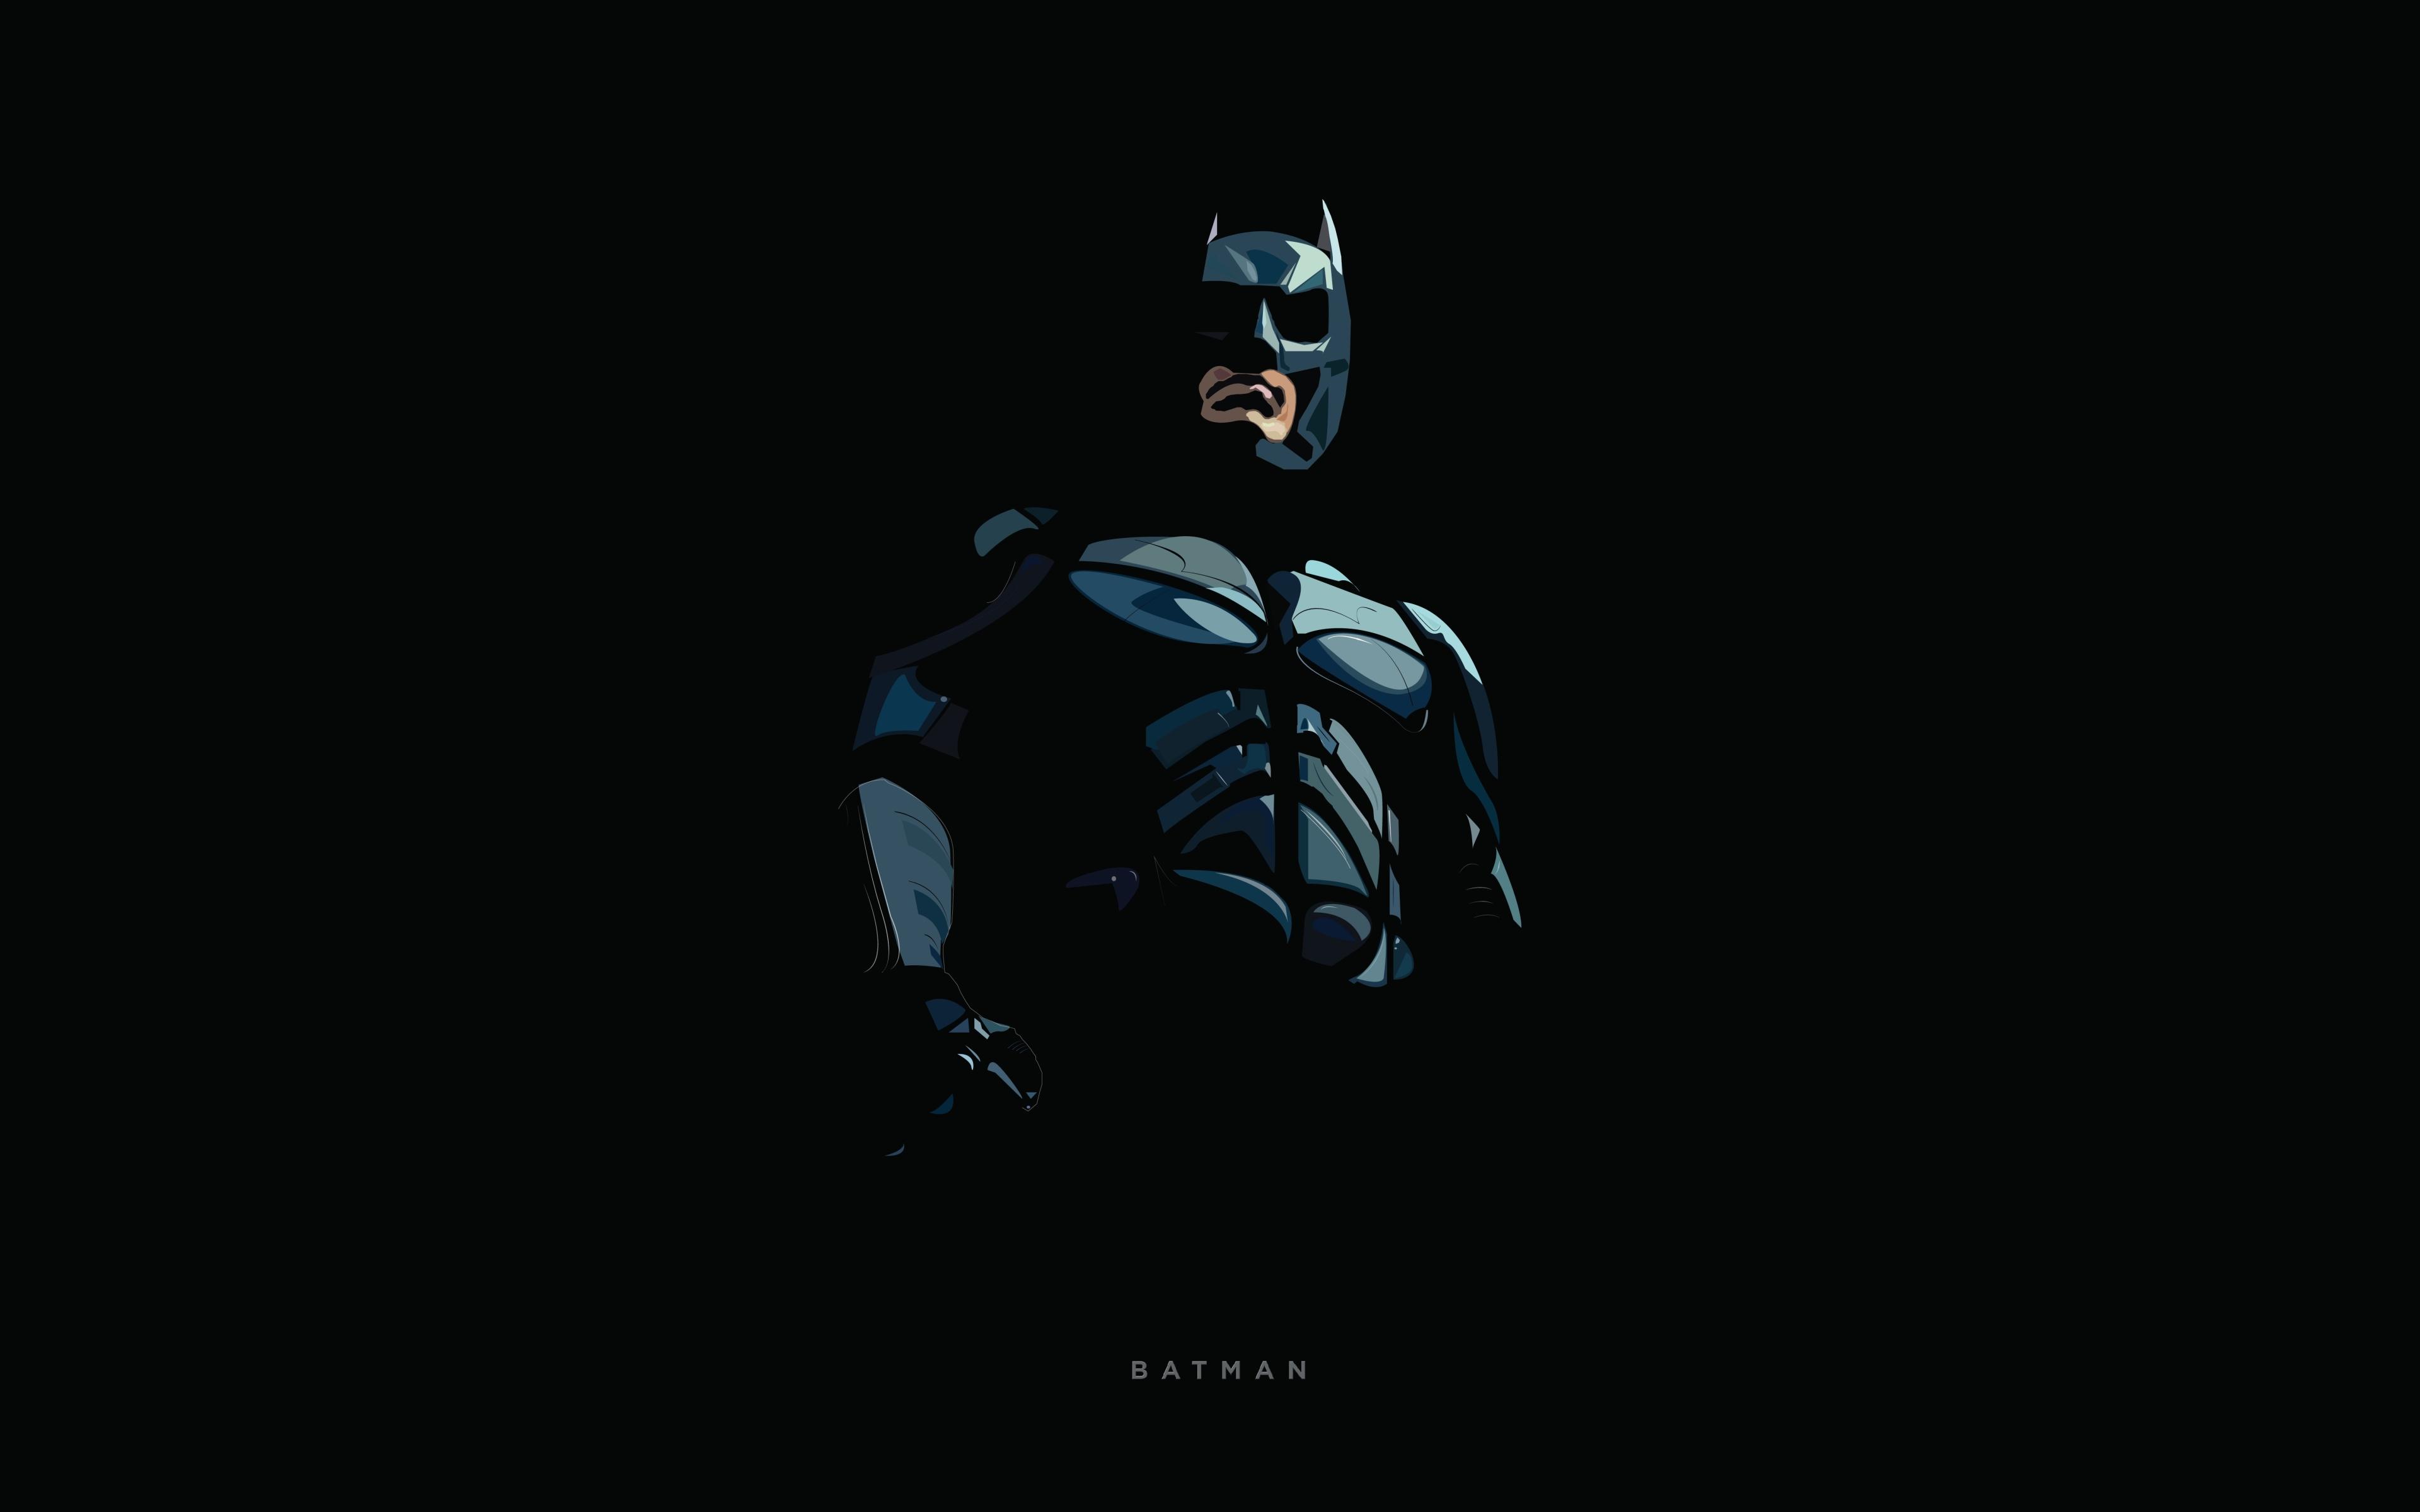 Batman minimal illustration hd 8k wallpaper - 8k minimal wallpaper ...